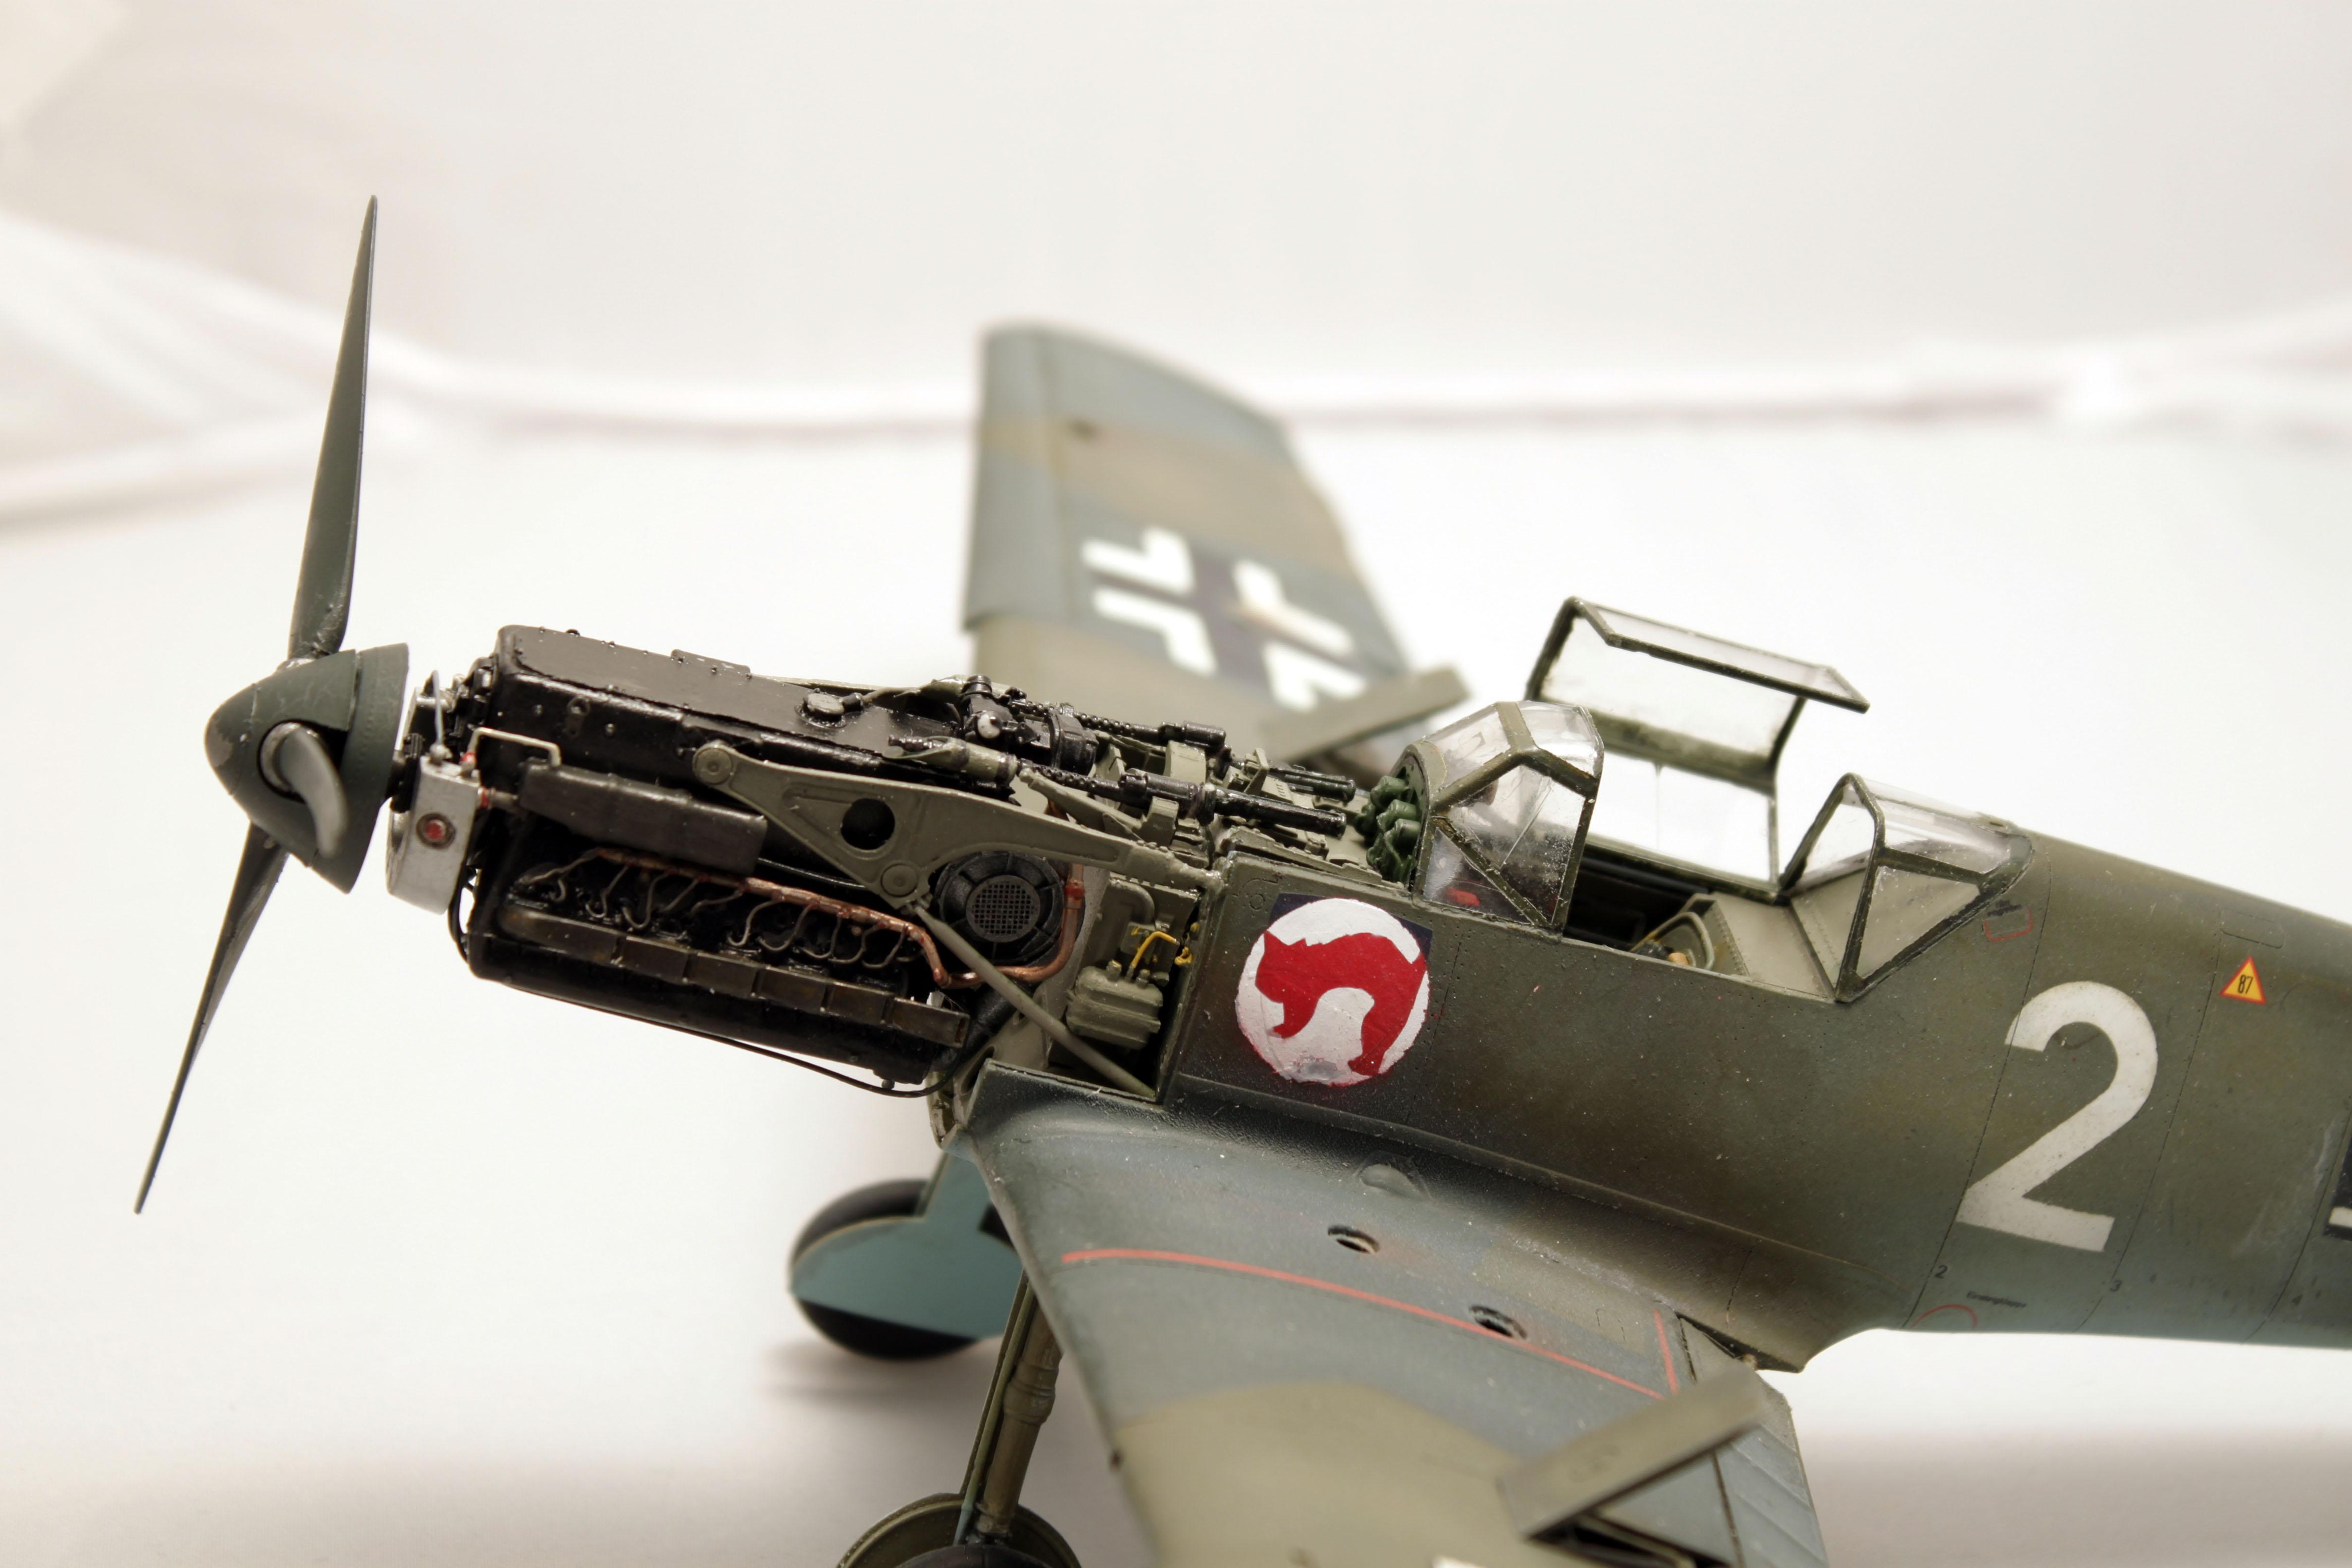 Me Bf 109 E1  [ Eduard 1/32 ] - Page 5 2Un1Y4